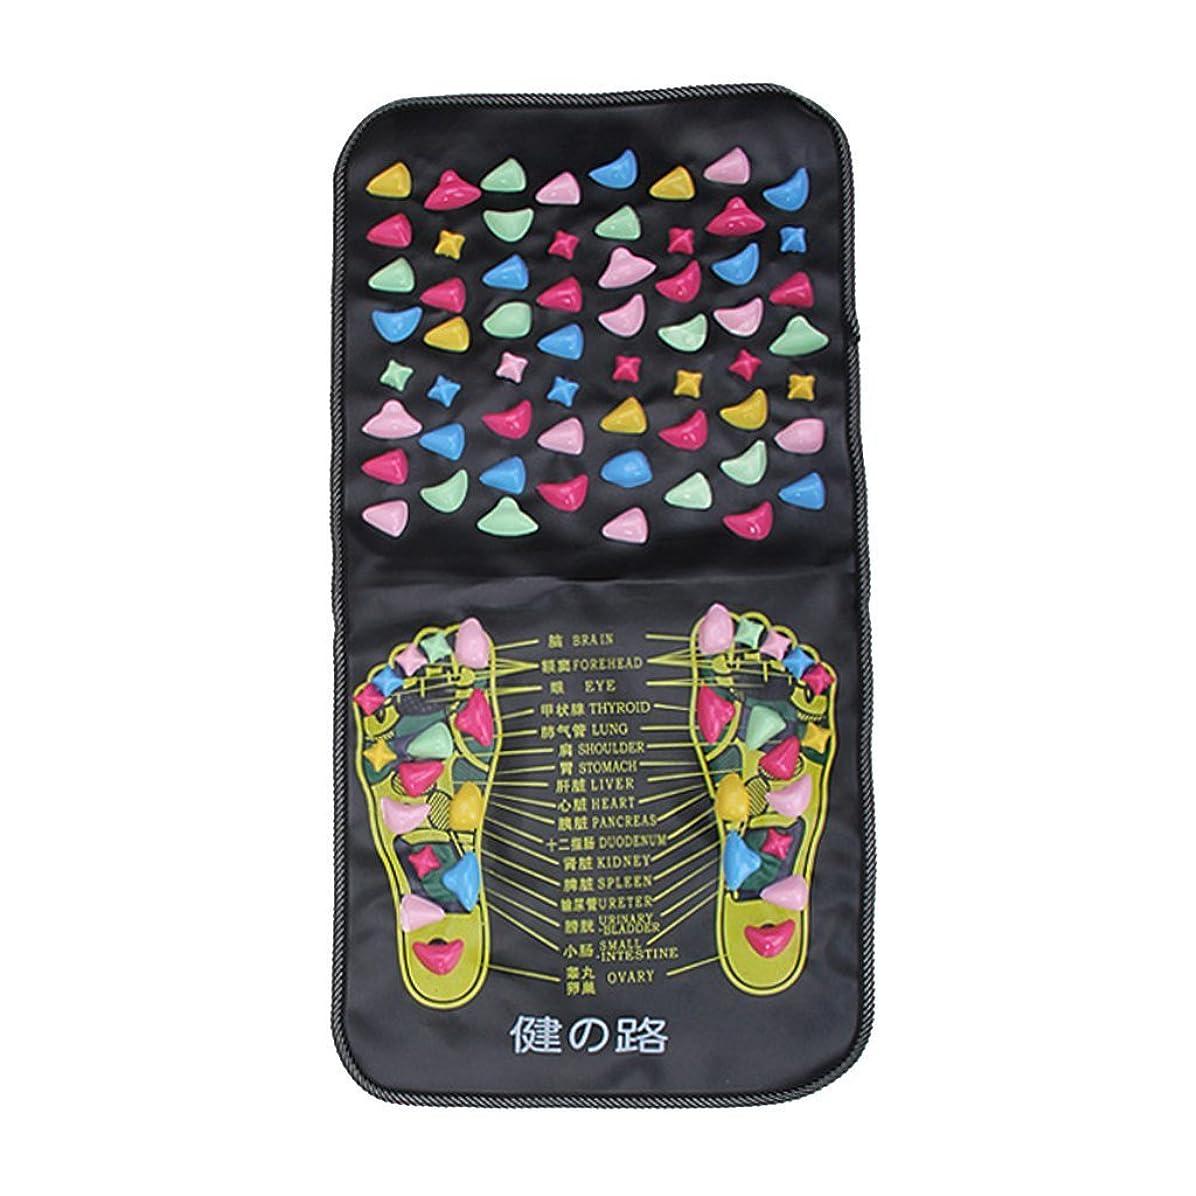 羨望財布上流のHomeland 足裏鍛錬マット フットマッサージマット 足つぼマッサージマット 折りたたみ式 健康器具